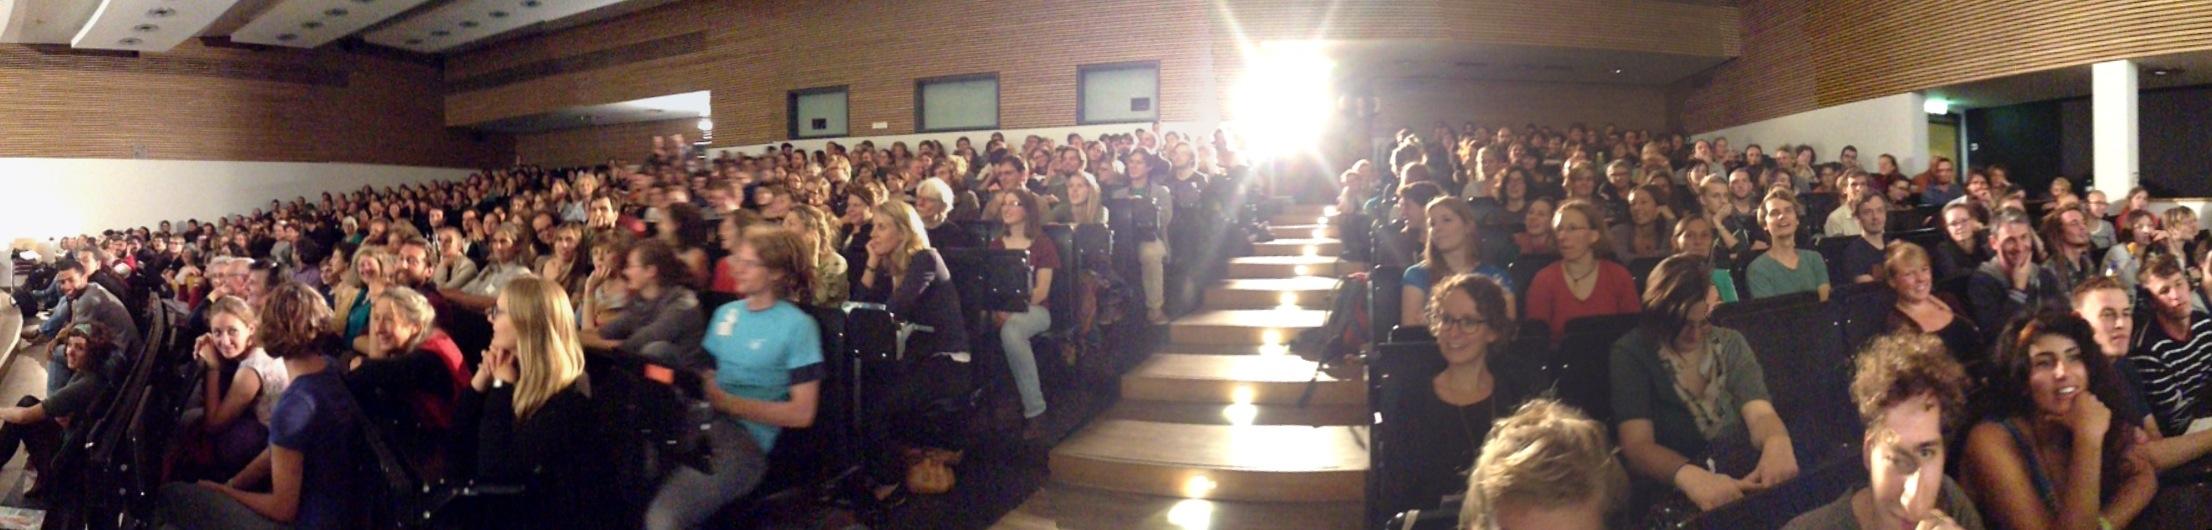 degrowth forumtheater: ZEITWOHLSTAND Premiere!